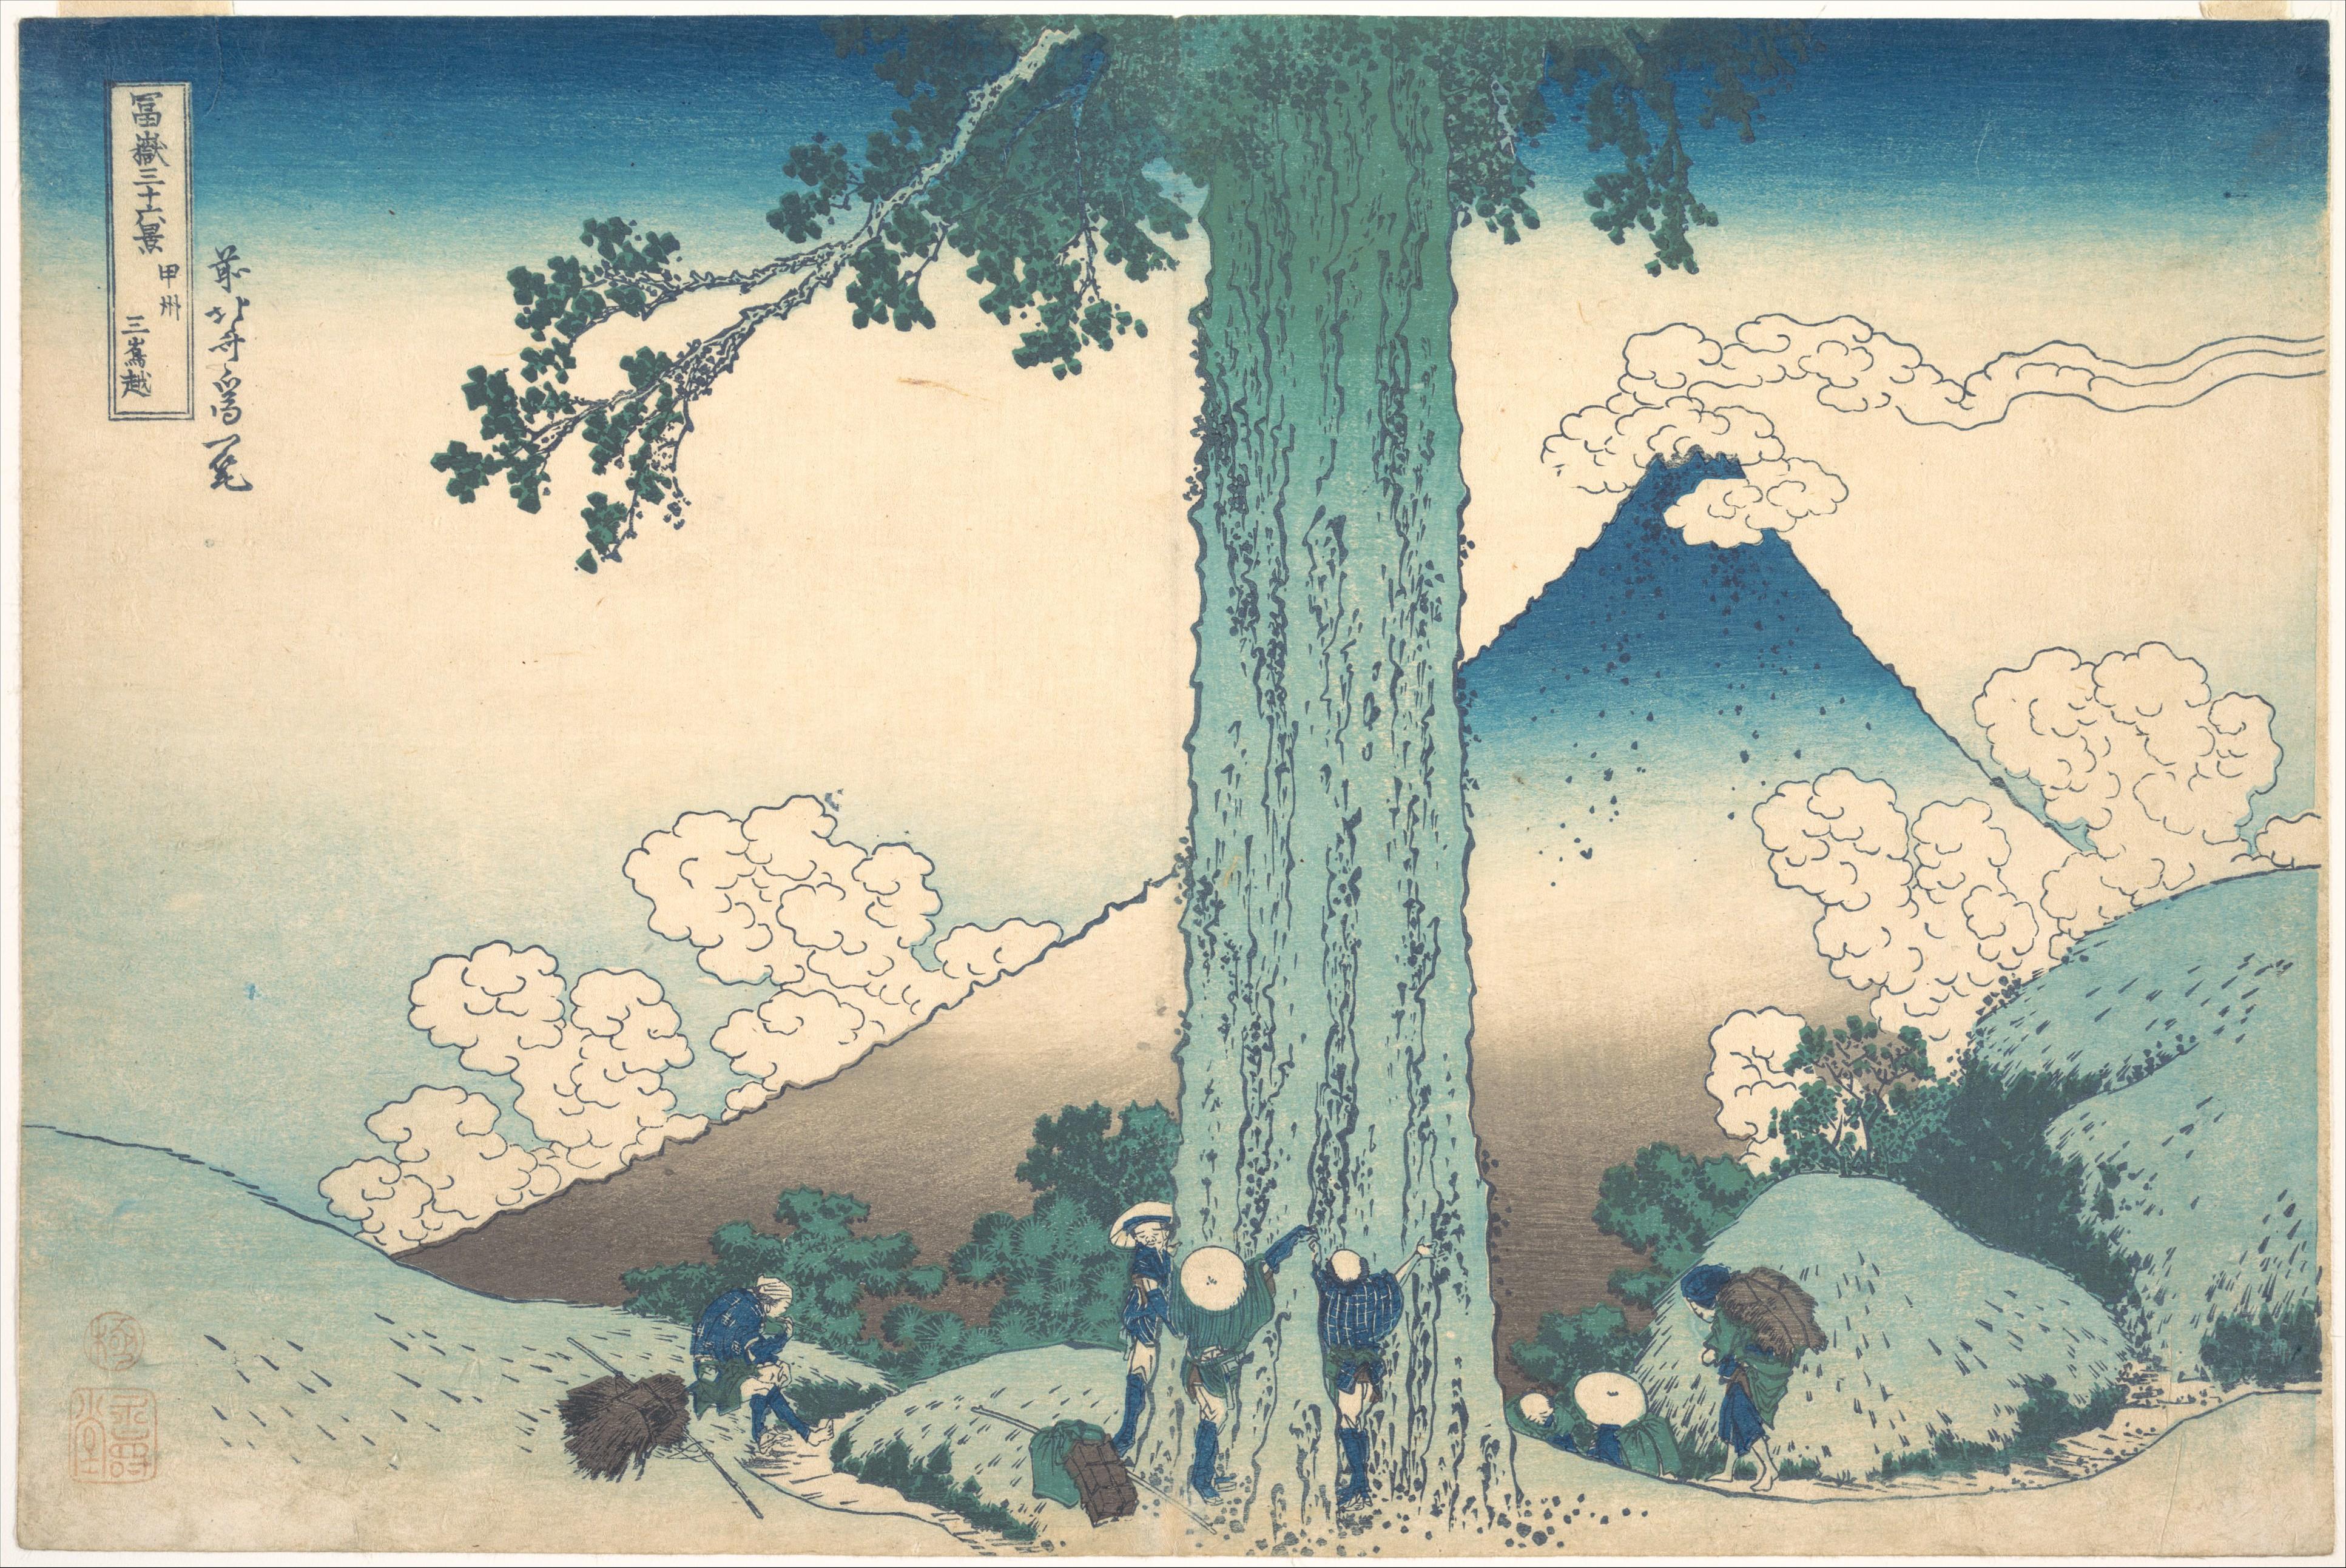 Katsushika Hokusai Mishima Pass In Kai Province Kōshū